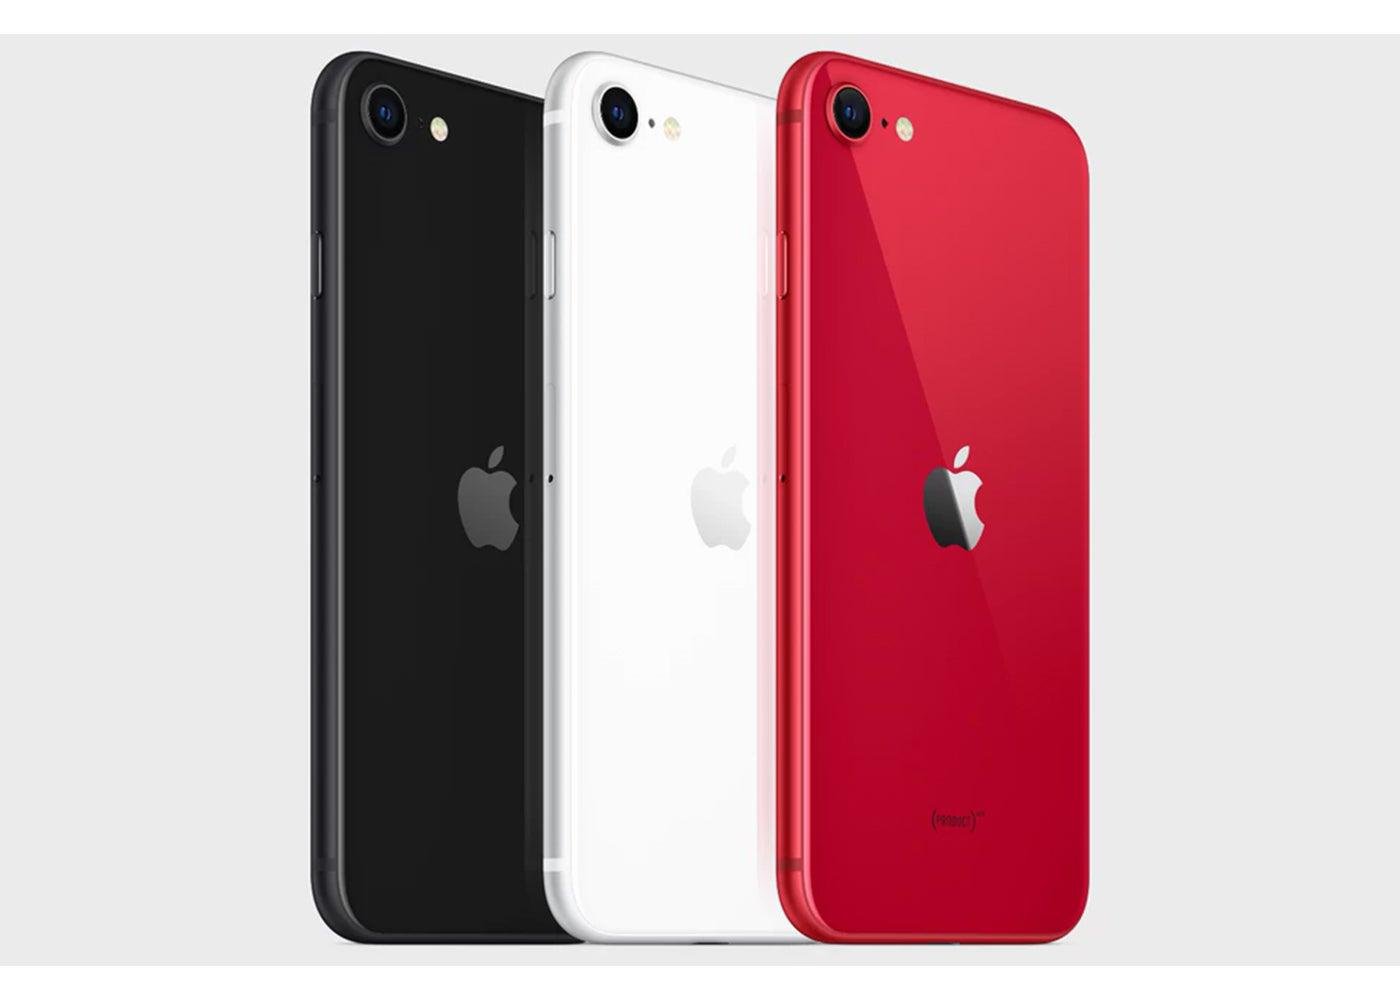 Apple lanzó su iPhone SE 2, un modelo más económico con detalles premium (2)